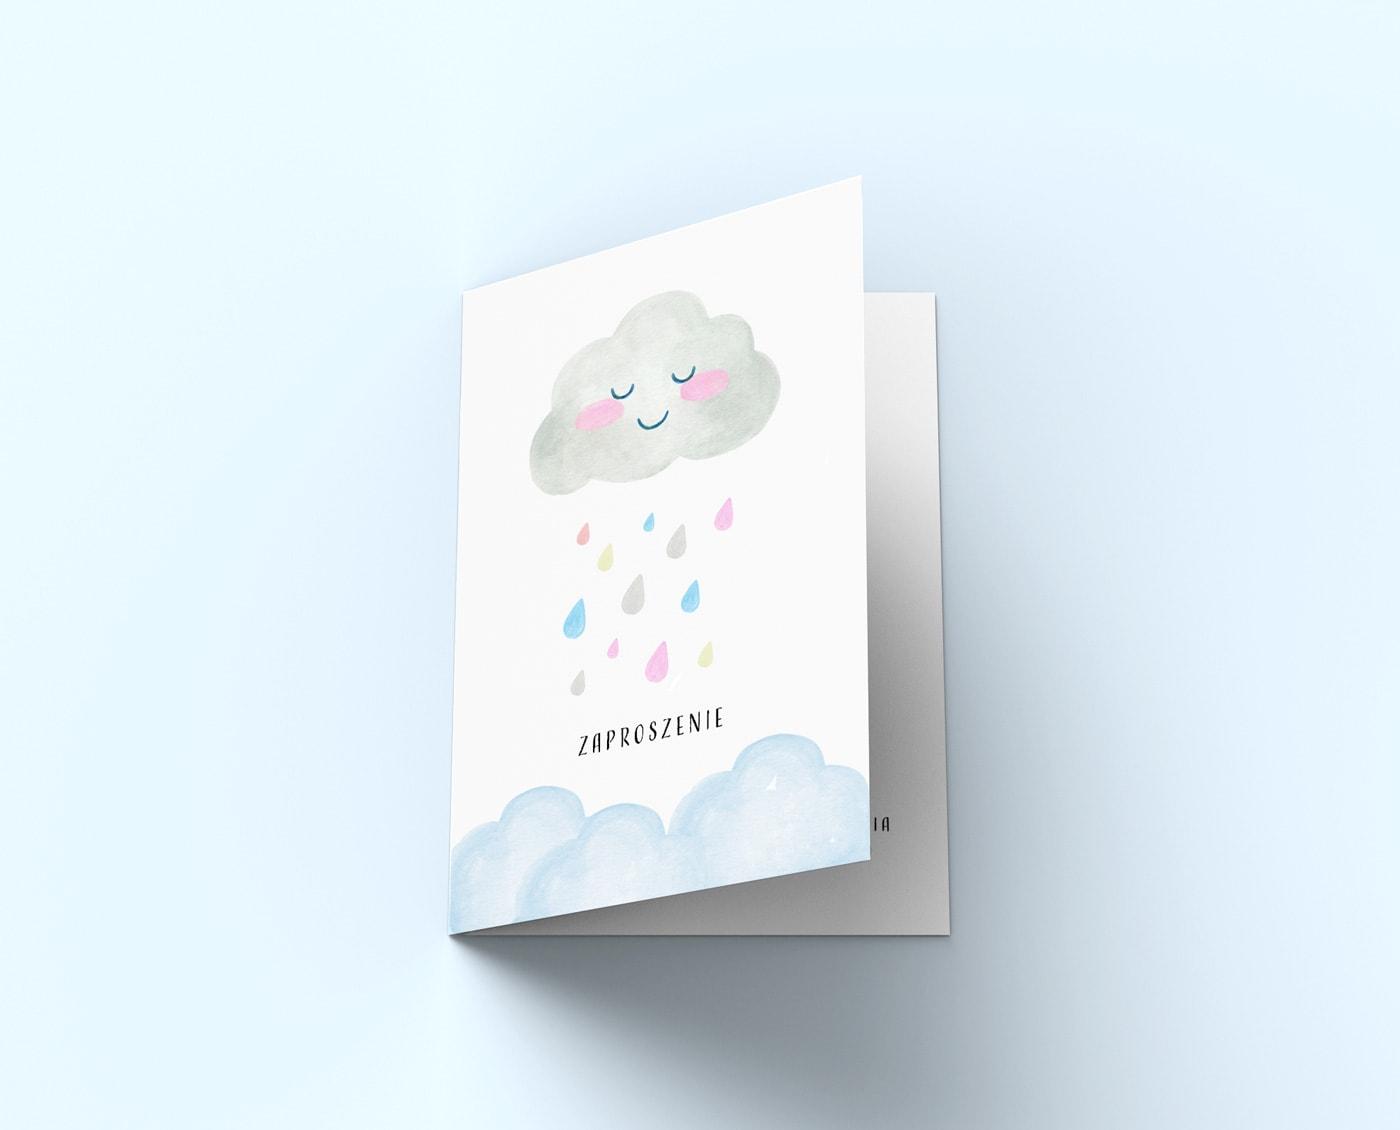 zaproszenia z akwarelową śmieszną chmurką